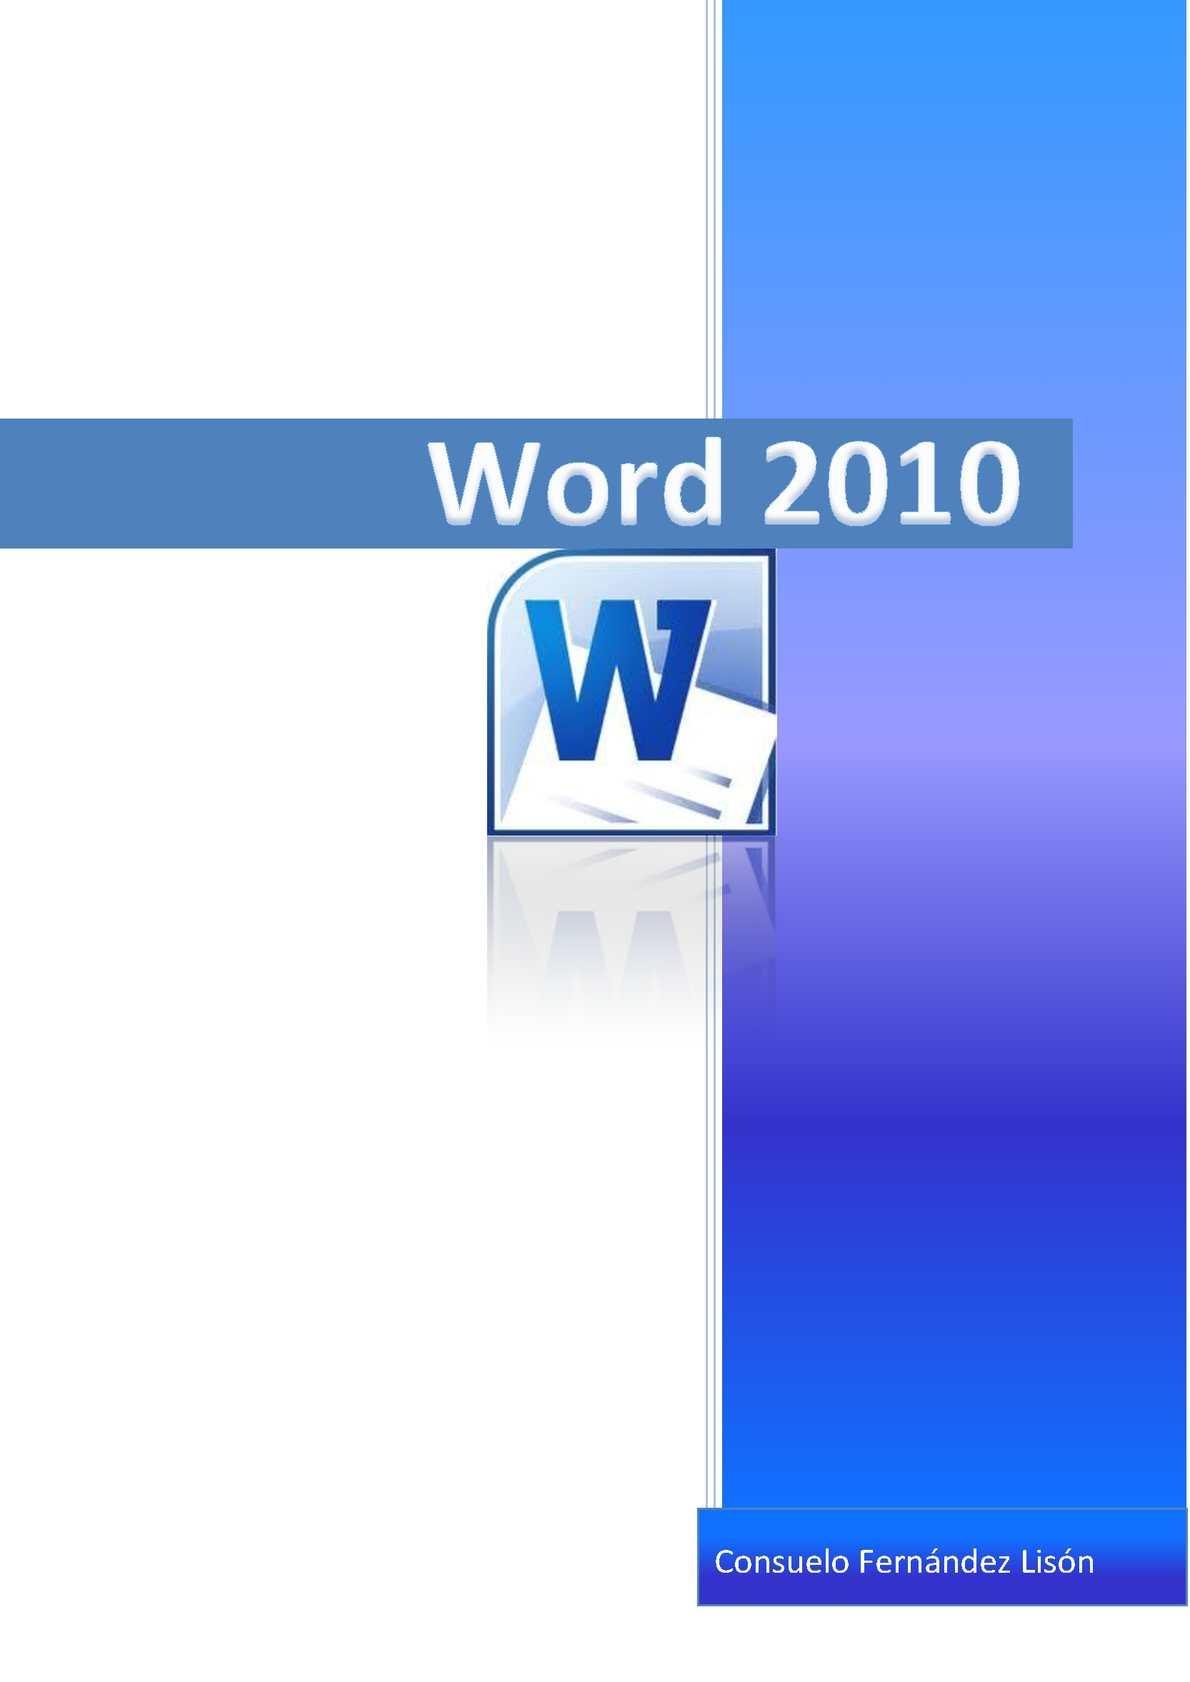 Calaméo - word 2010